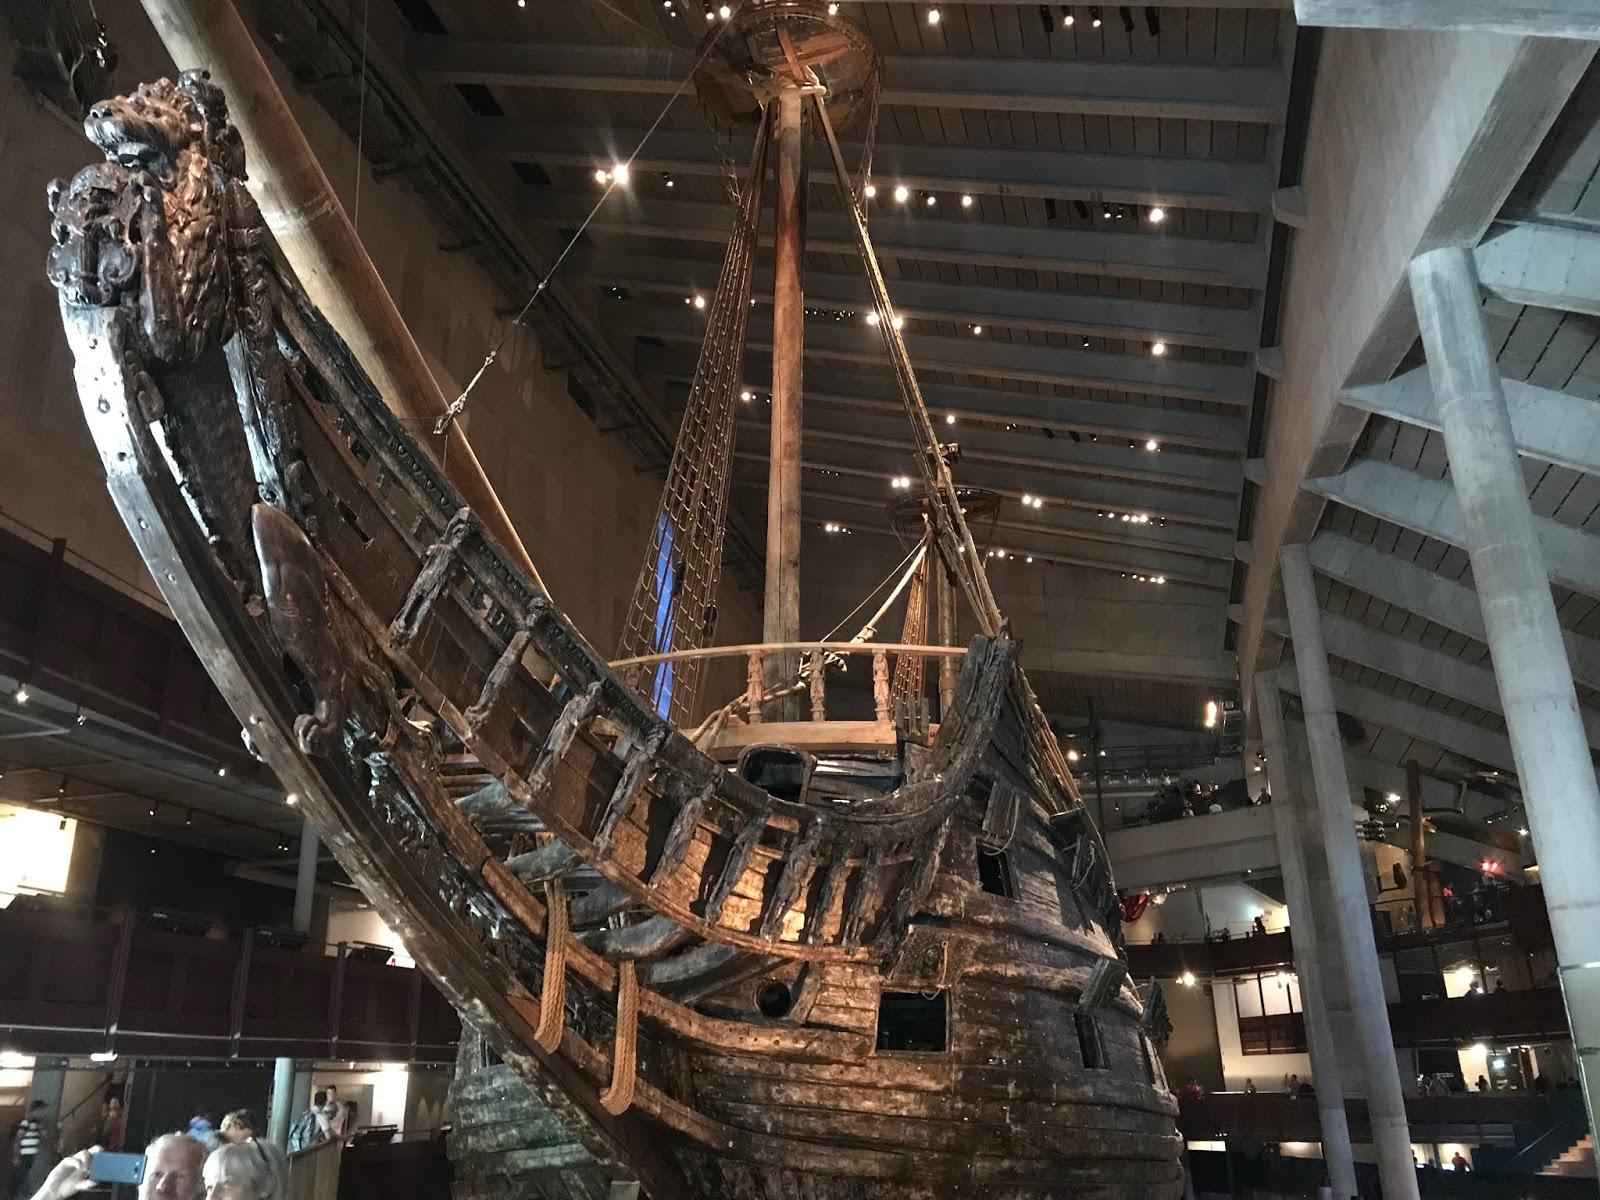 Navio do século 17 em Estocolmo Suécia